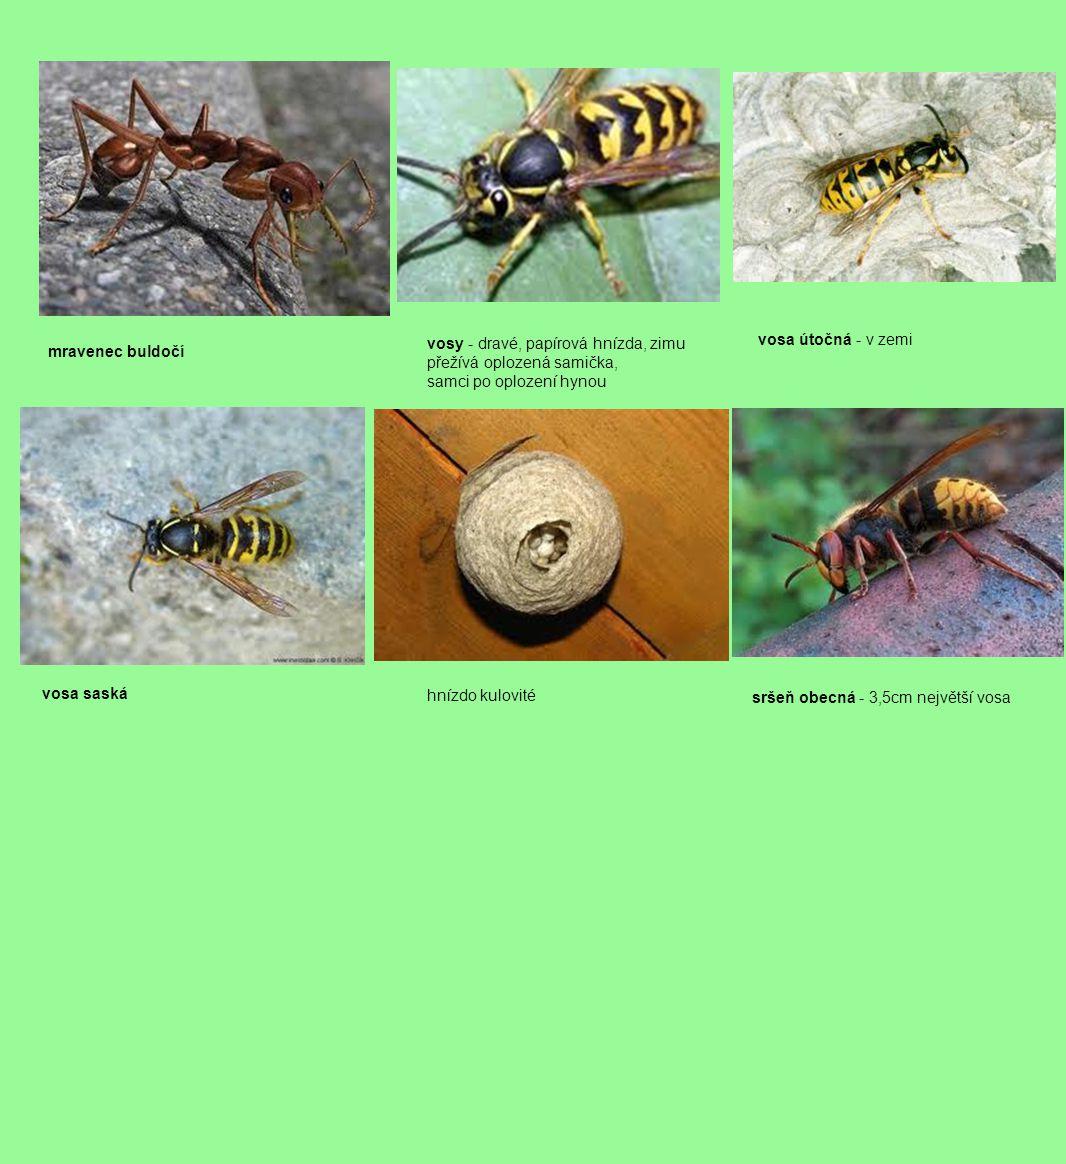 čmeláci - v zemi, sají nektar, dlouhý sosák, opylují jetel čmelák zemní čmelák skalní včela medonosná - sbírají nektar a pyl, 4-5 týdnů žijí 3.